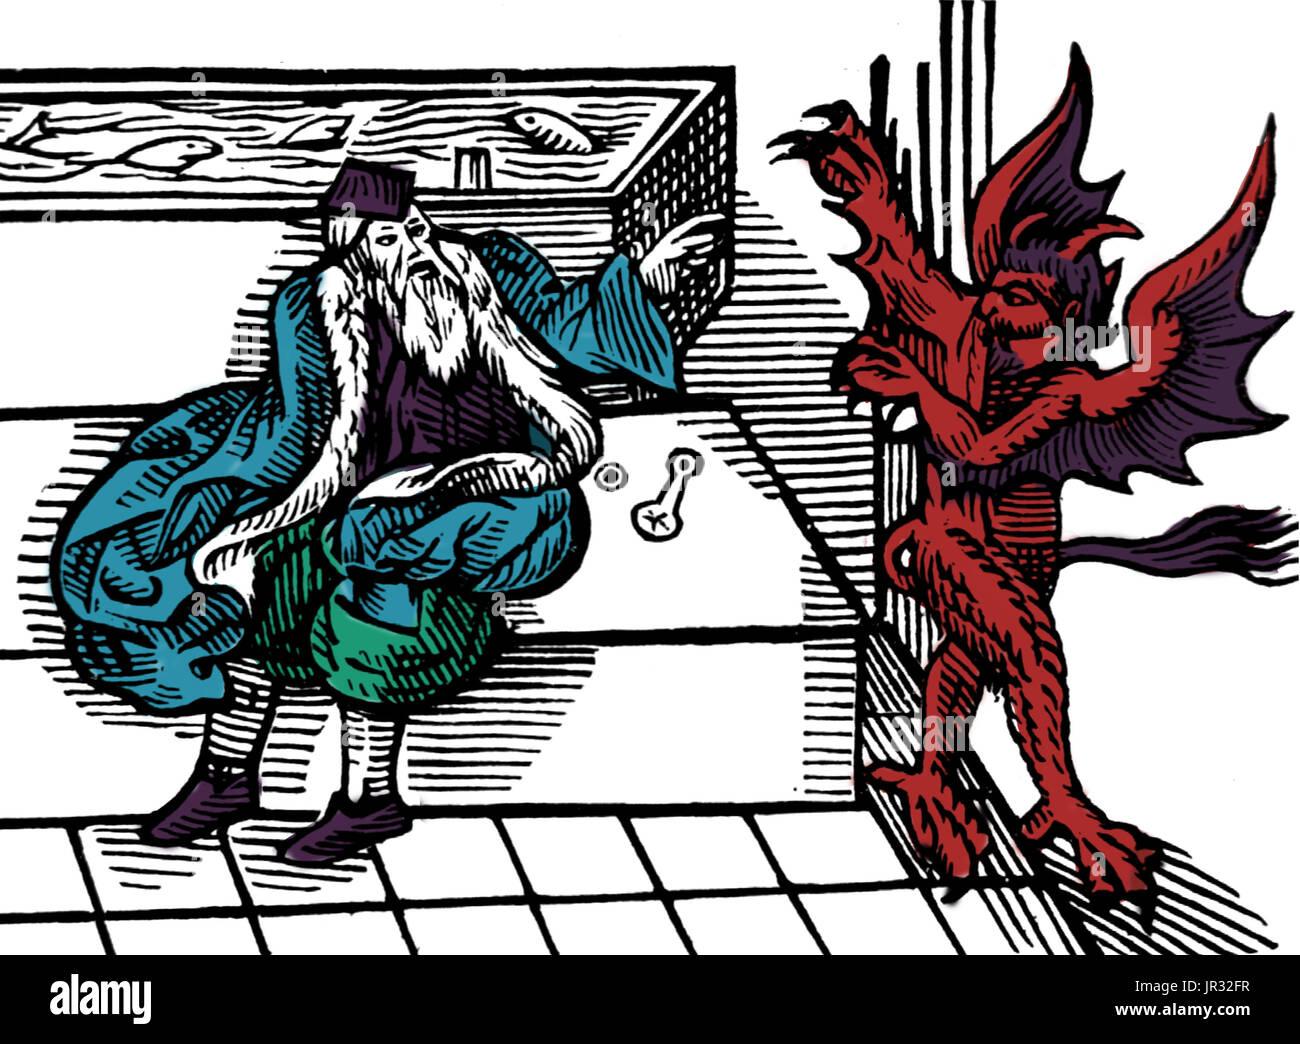 Der Teufel Hasst Hygiene, öffentliche Badezimmer, 1590 S